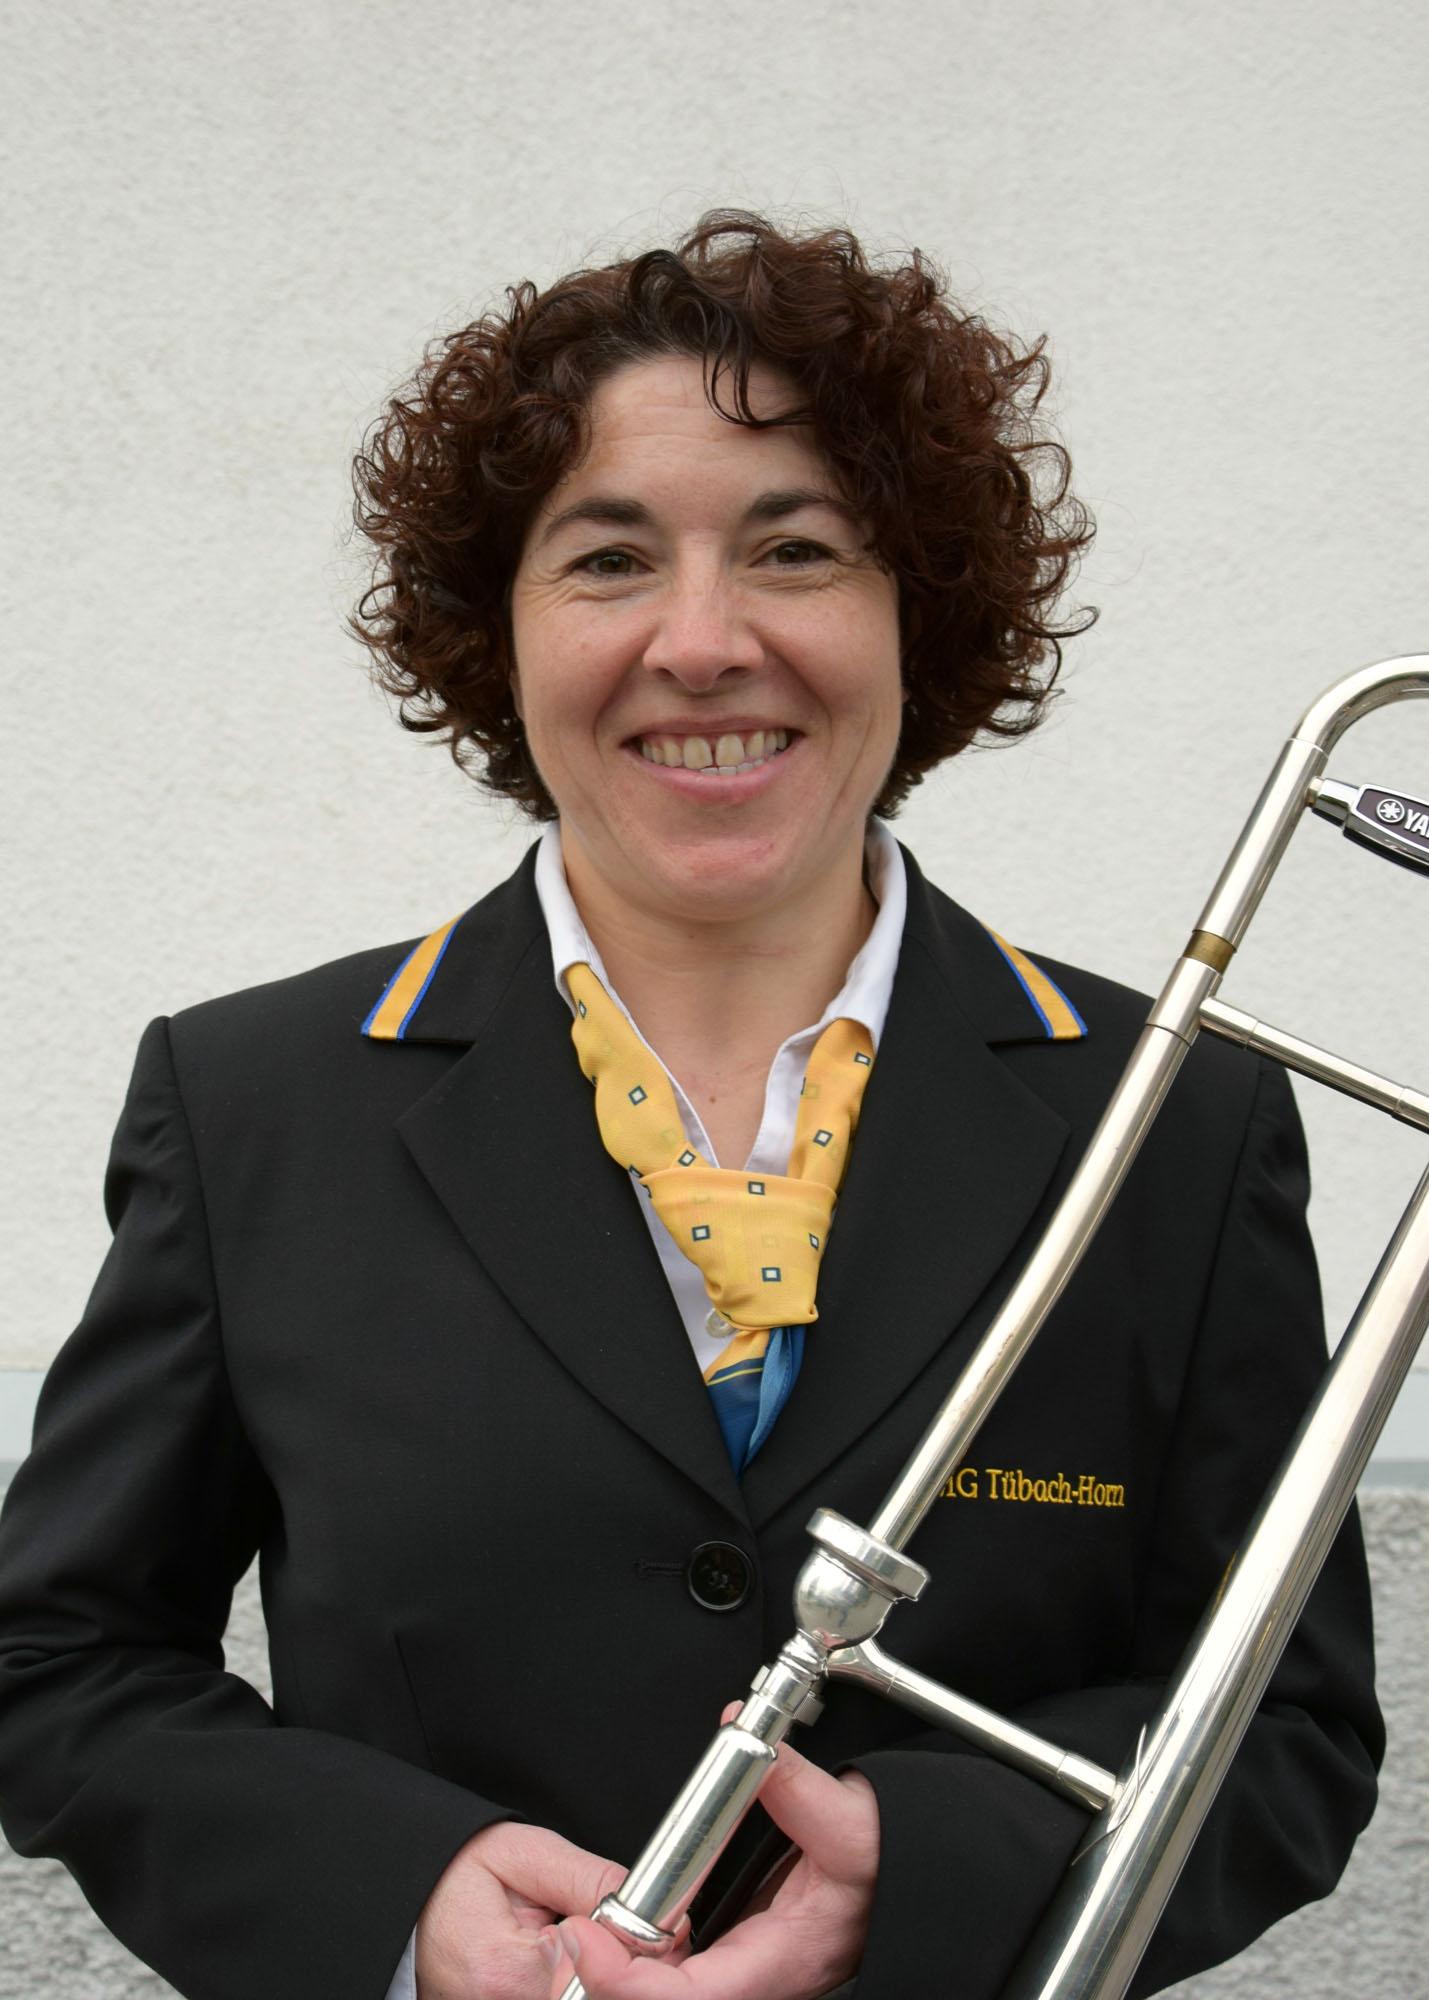 Yvonne Geisser